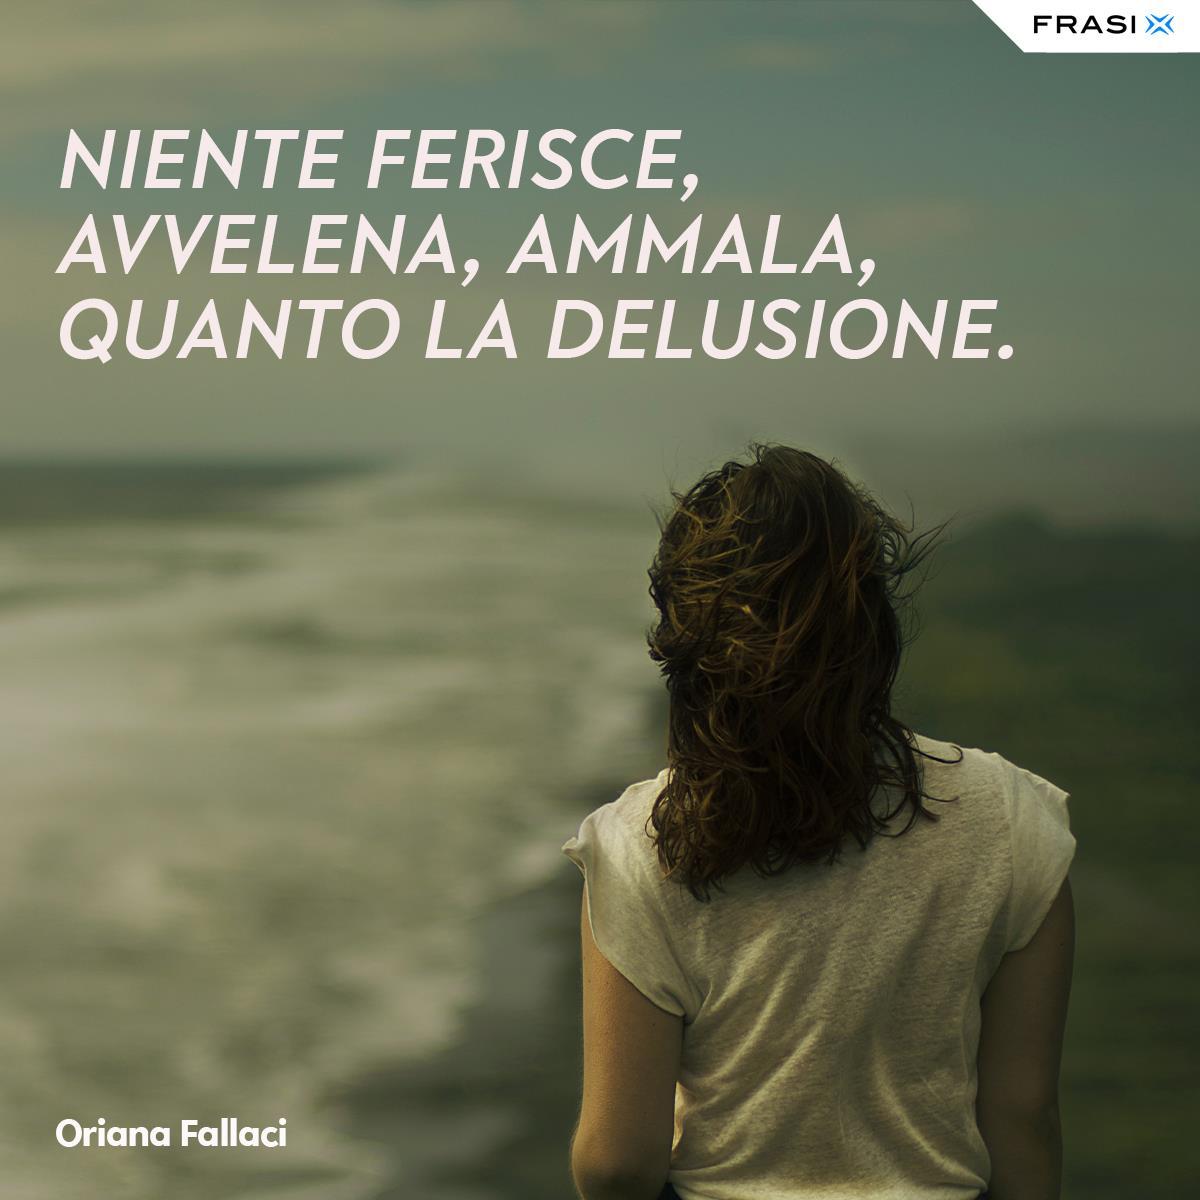 Frasi tristi e depresse Oriana Fallaci